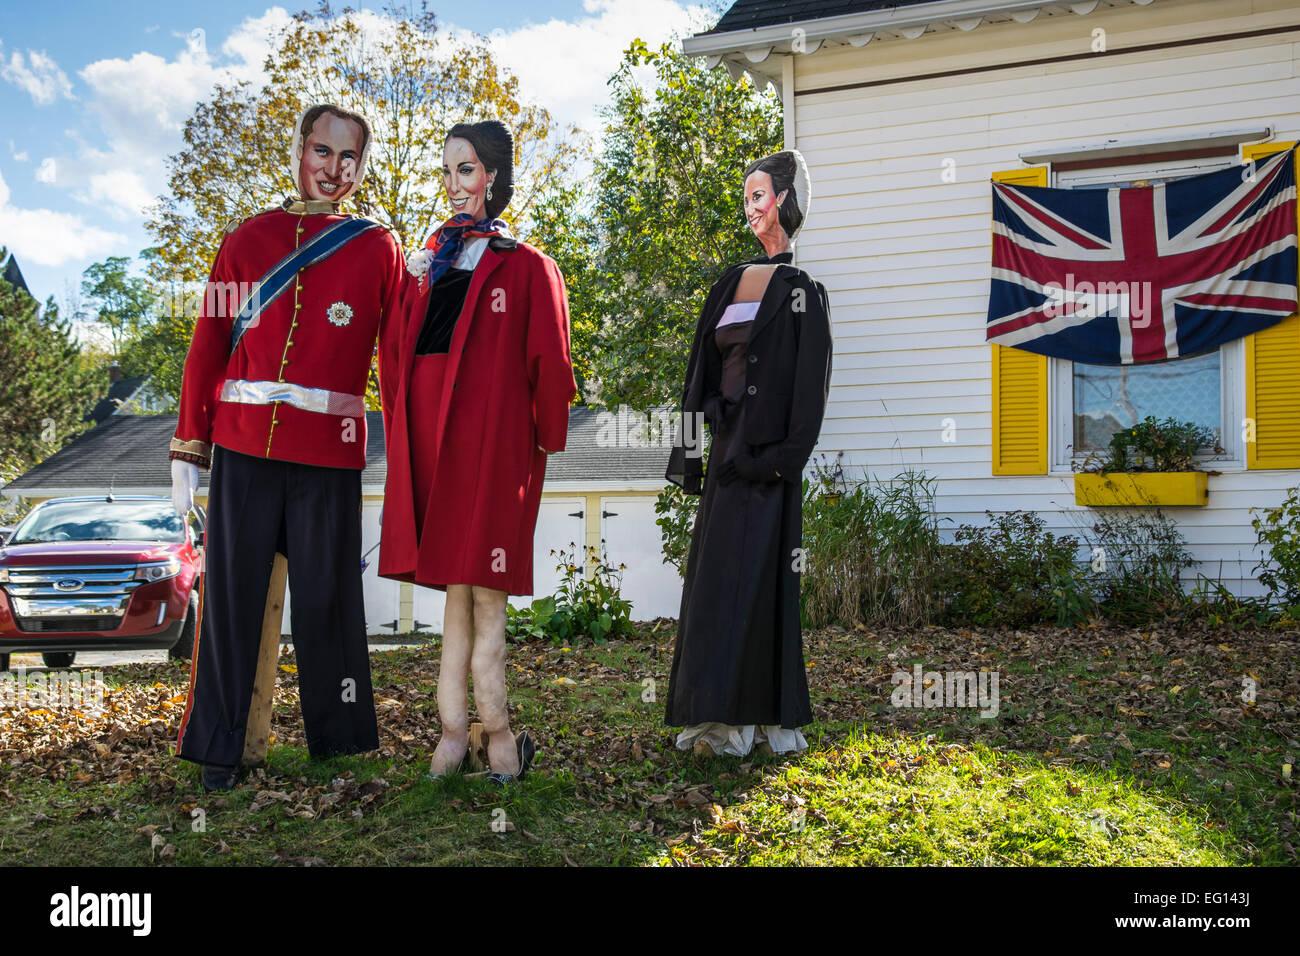 MAHONE Bay, Canadá - 9 de octubre: figuras de la familia real británica en el festival anual de espantapájaros. Foto de stock